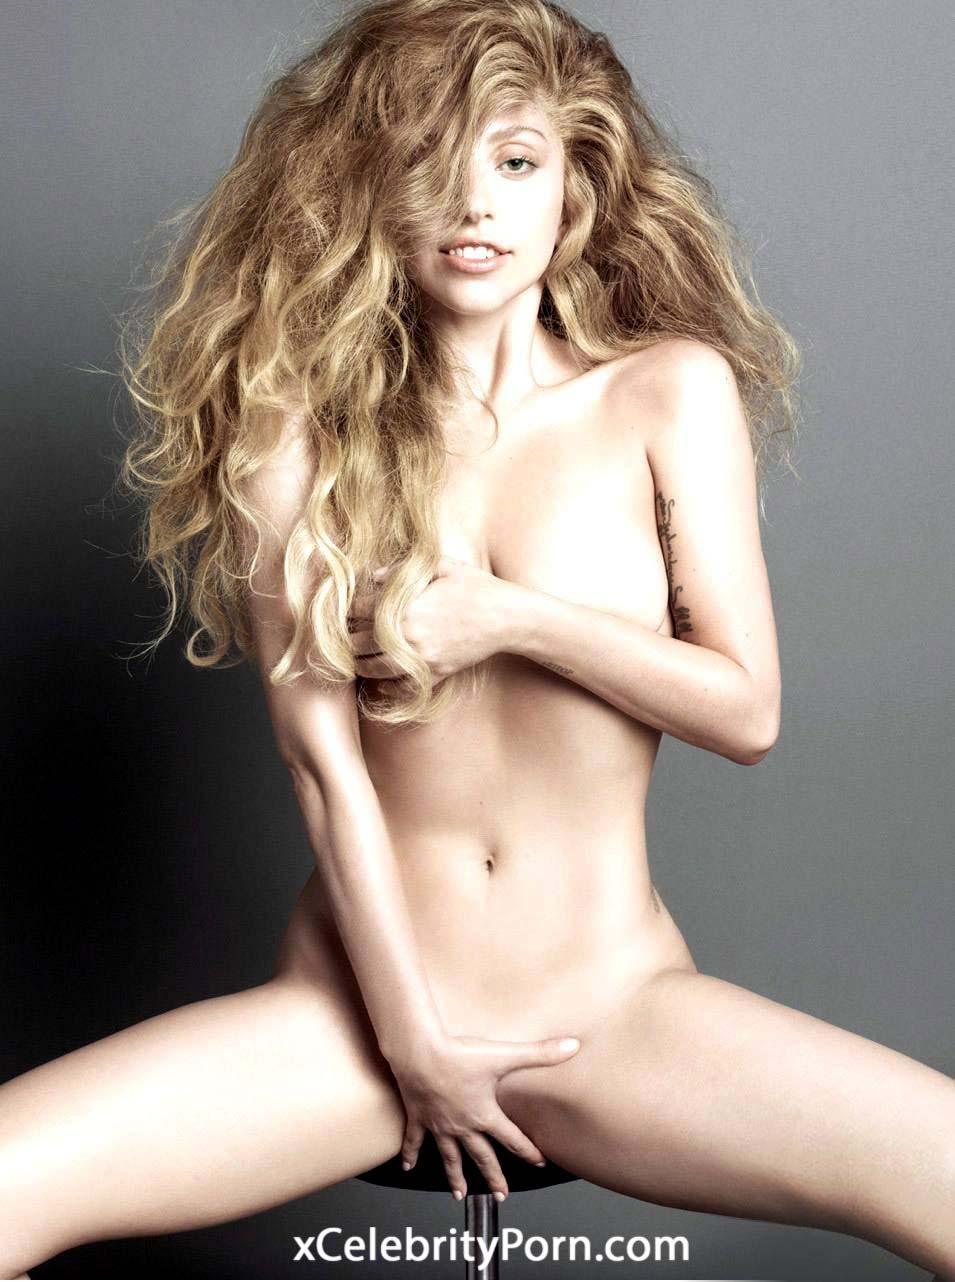 Lady Gaga posando fotos picantes-fotos famosas xxx-cantnates follando-Modelos desnudas-fotos filtradasde Lady Gaga porno (5)